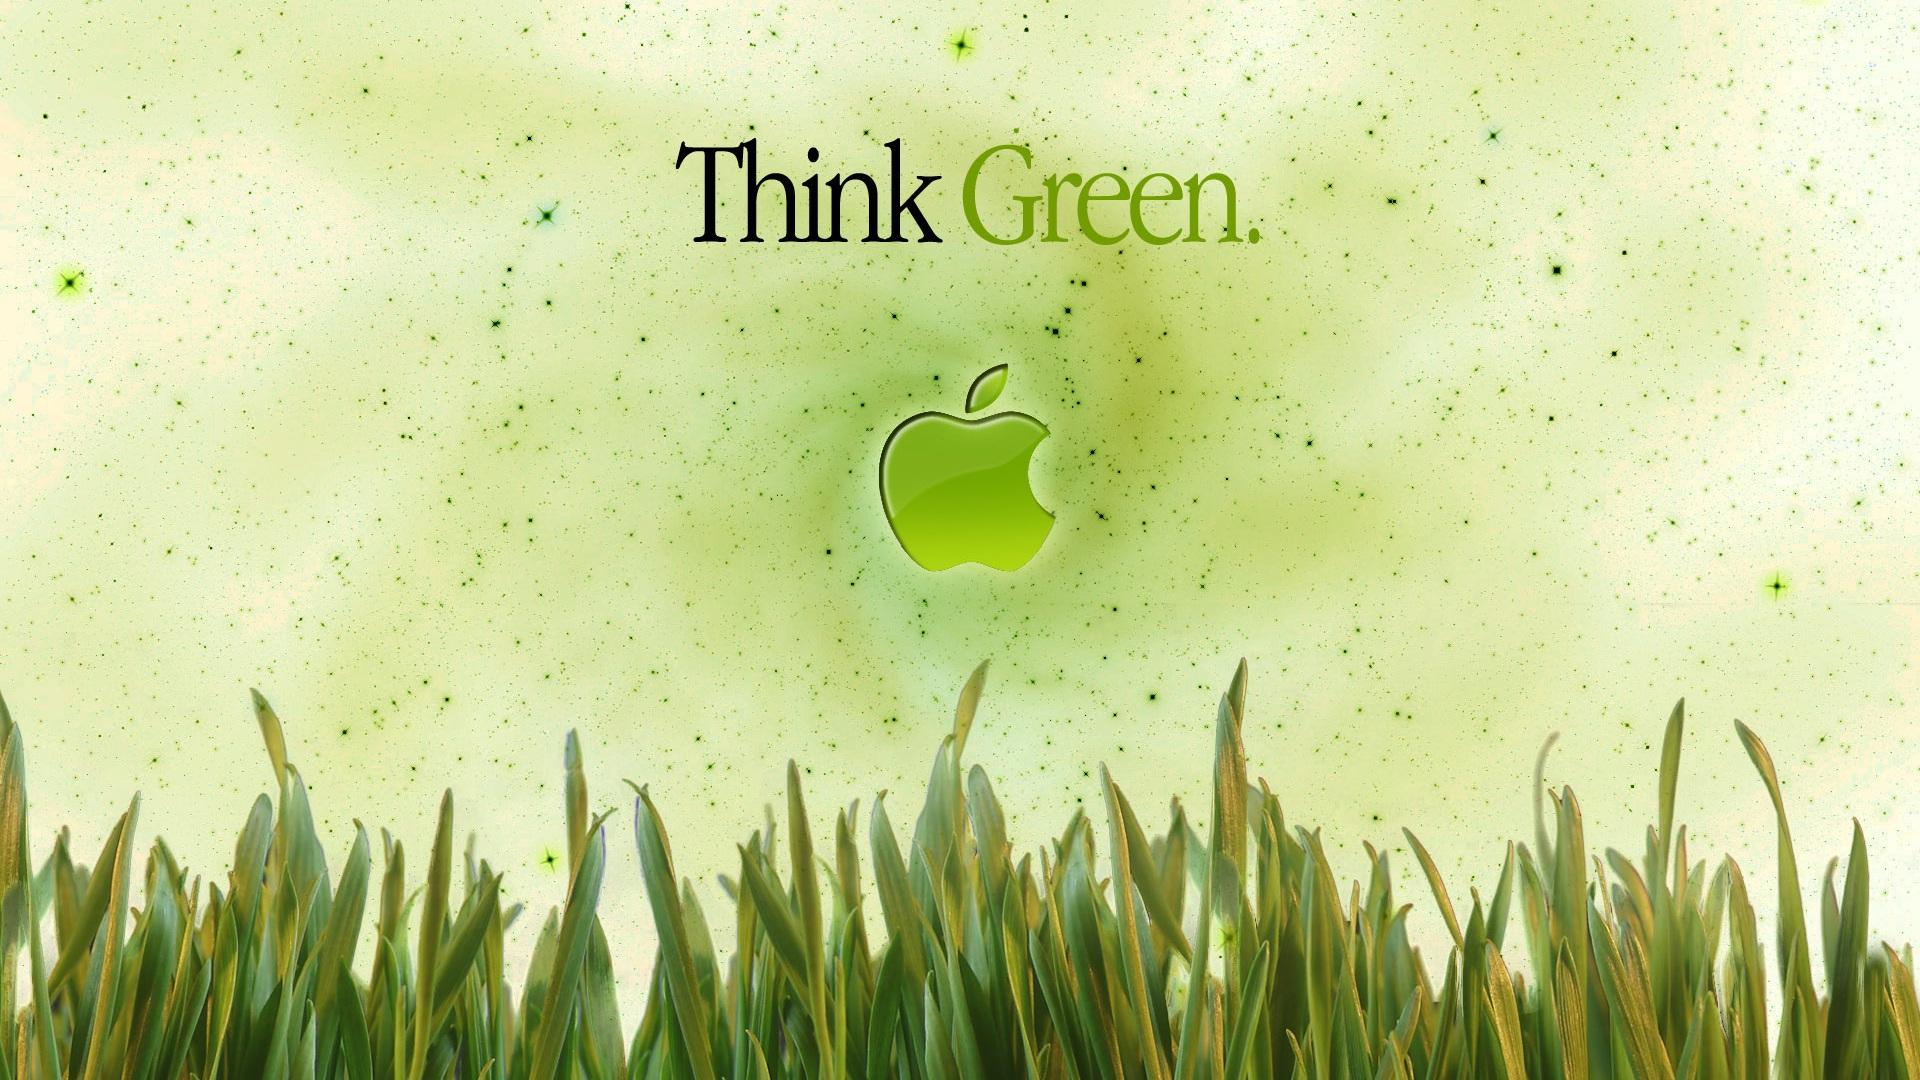 Fondos De Pantalla Apple Piensa En Verde 1920x1200 Hd Imagen